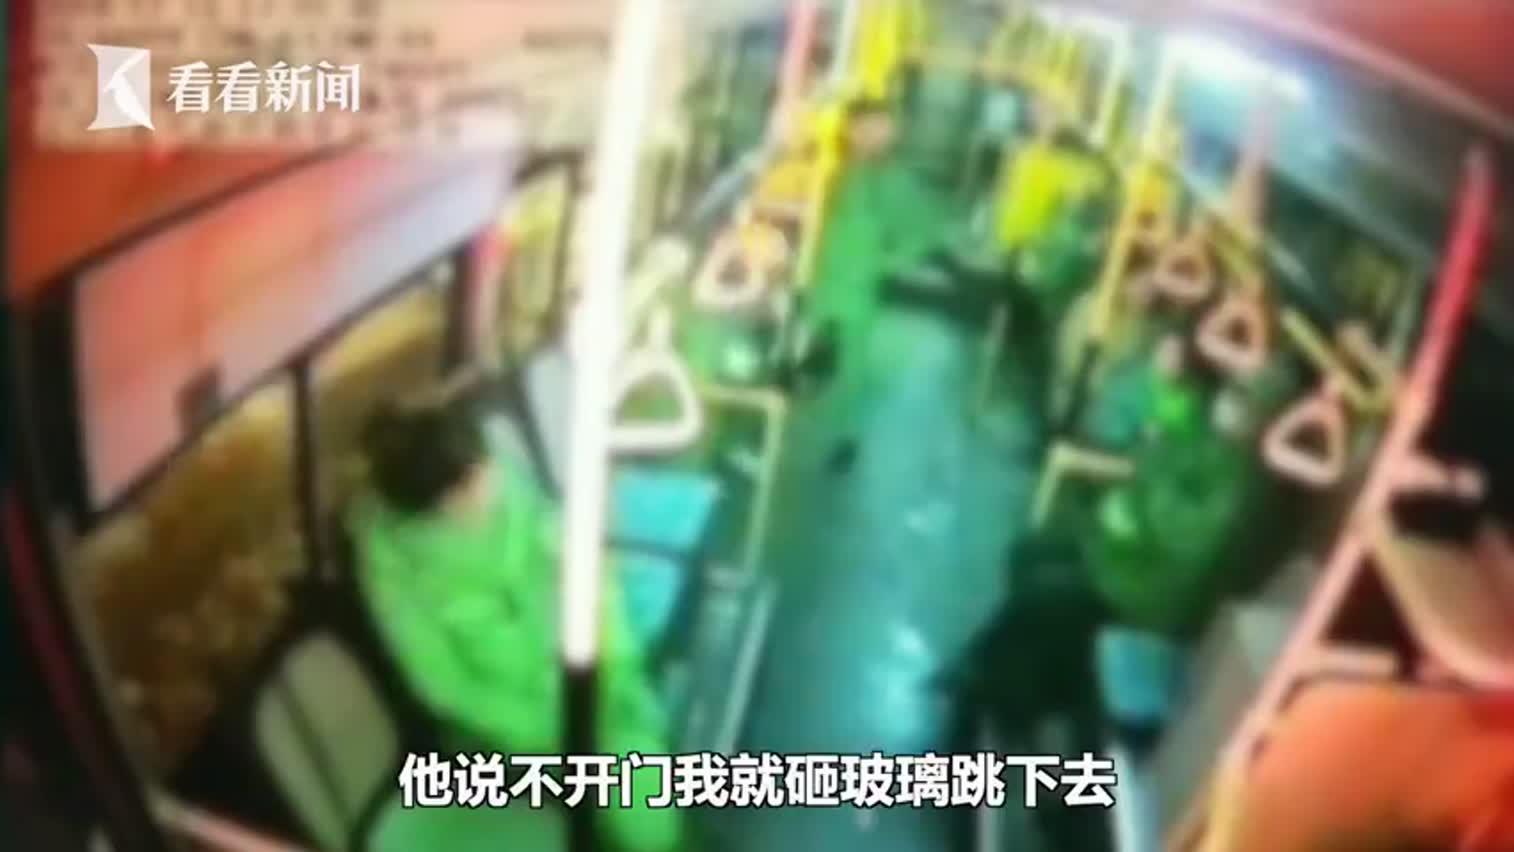 视频-嫌等红灯时间太长 男子用安全锤砸破公交车窗